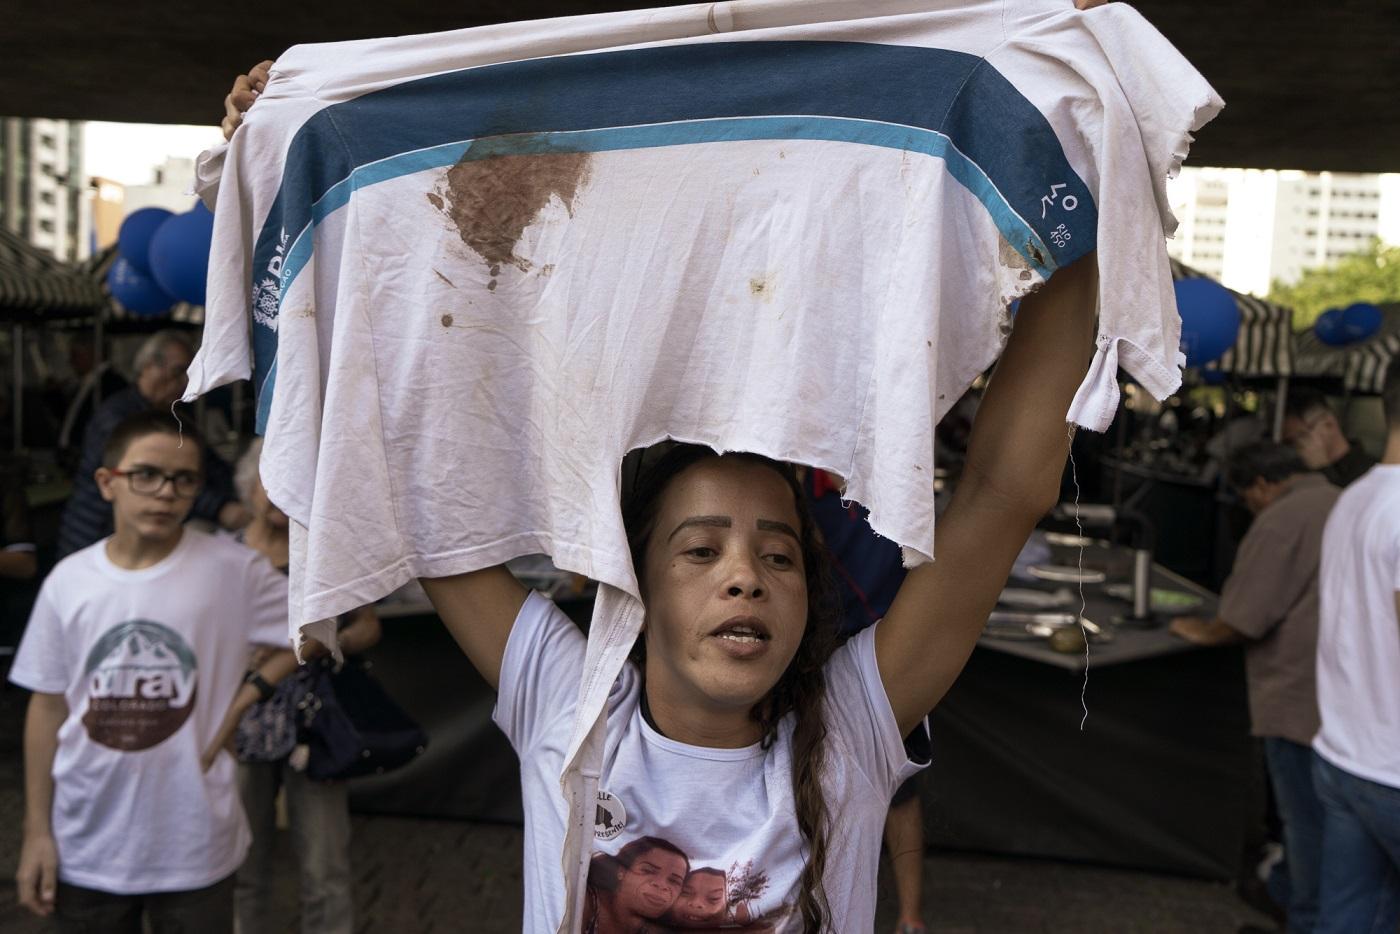 Bruna Silva segura a camisa da escola que seu filho Marcus Vinícius usava no dia em que foi morto. Foto: Daniel Arroyo